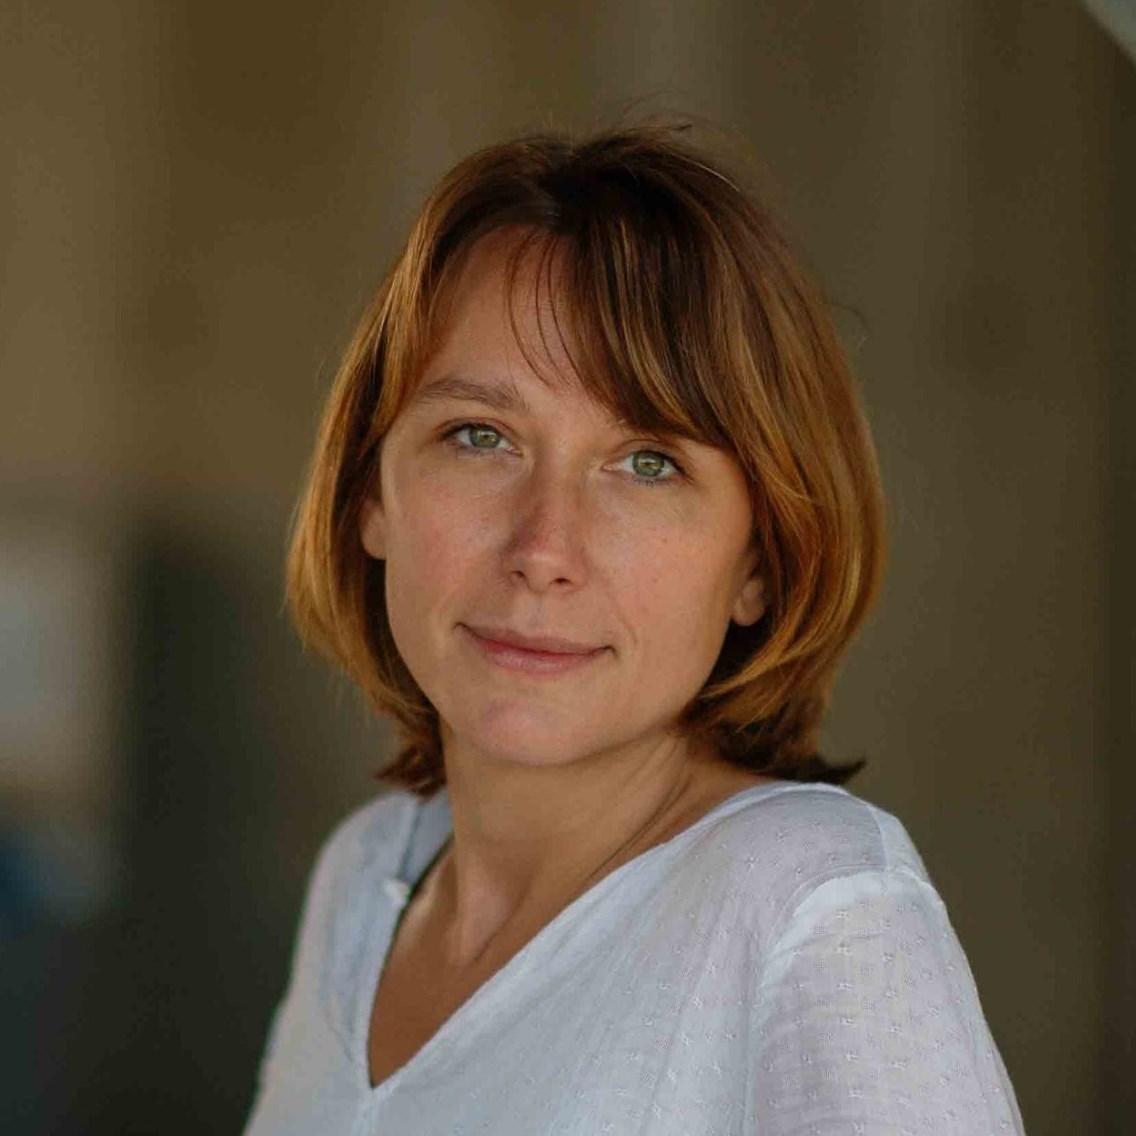 Lucille Botti